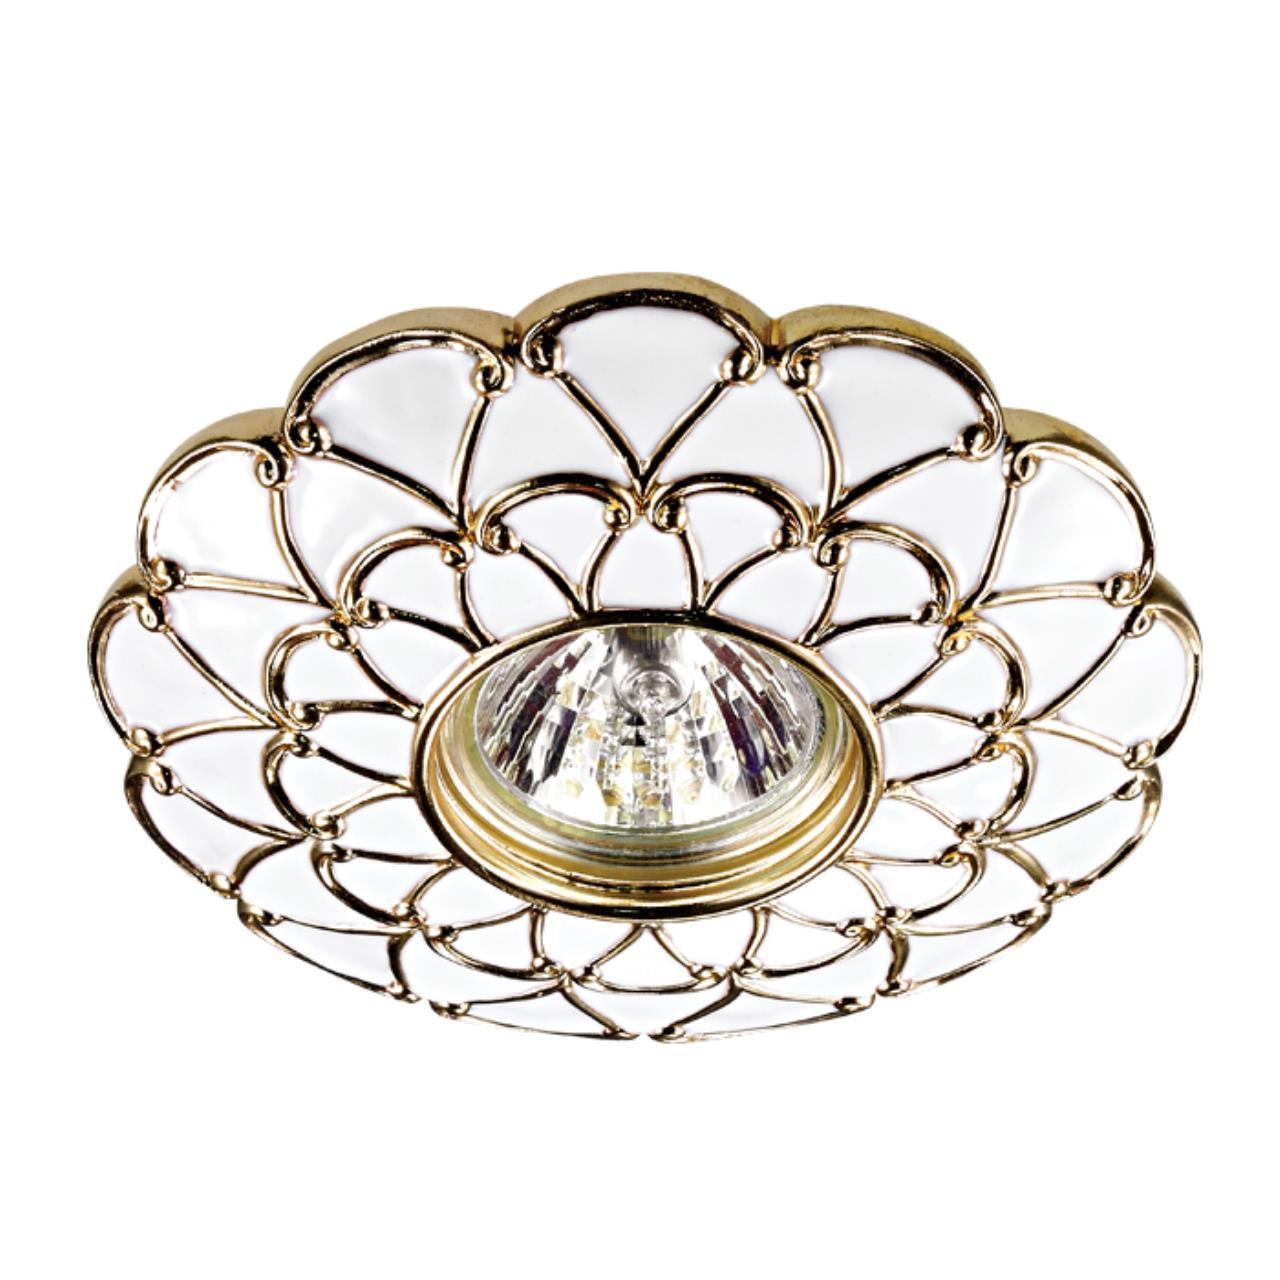 370223 SPOT NT16 115 белый/золото Встраиваемый декоративный светильник IP20 GX5.3 50W 12V PATTERN